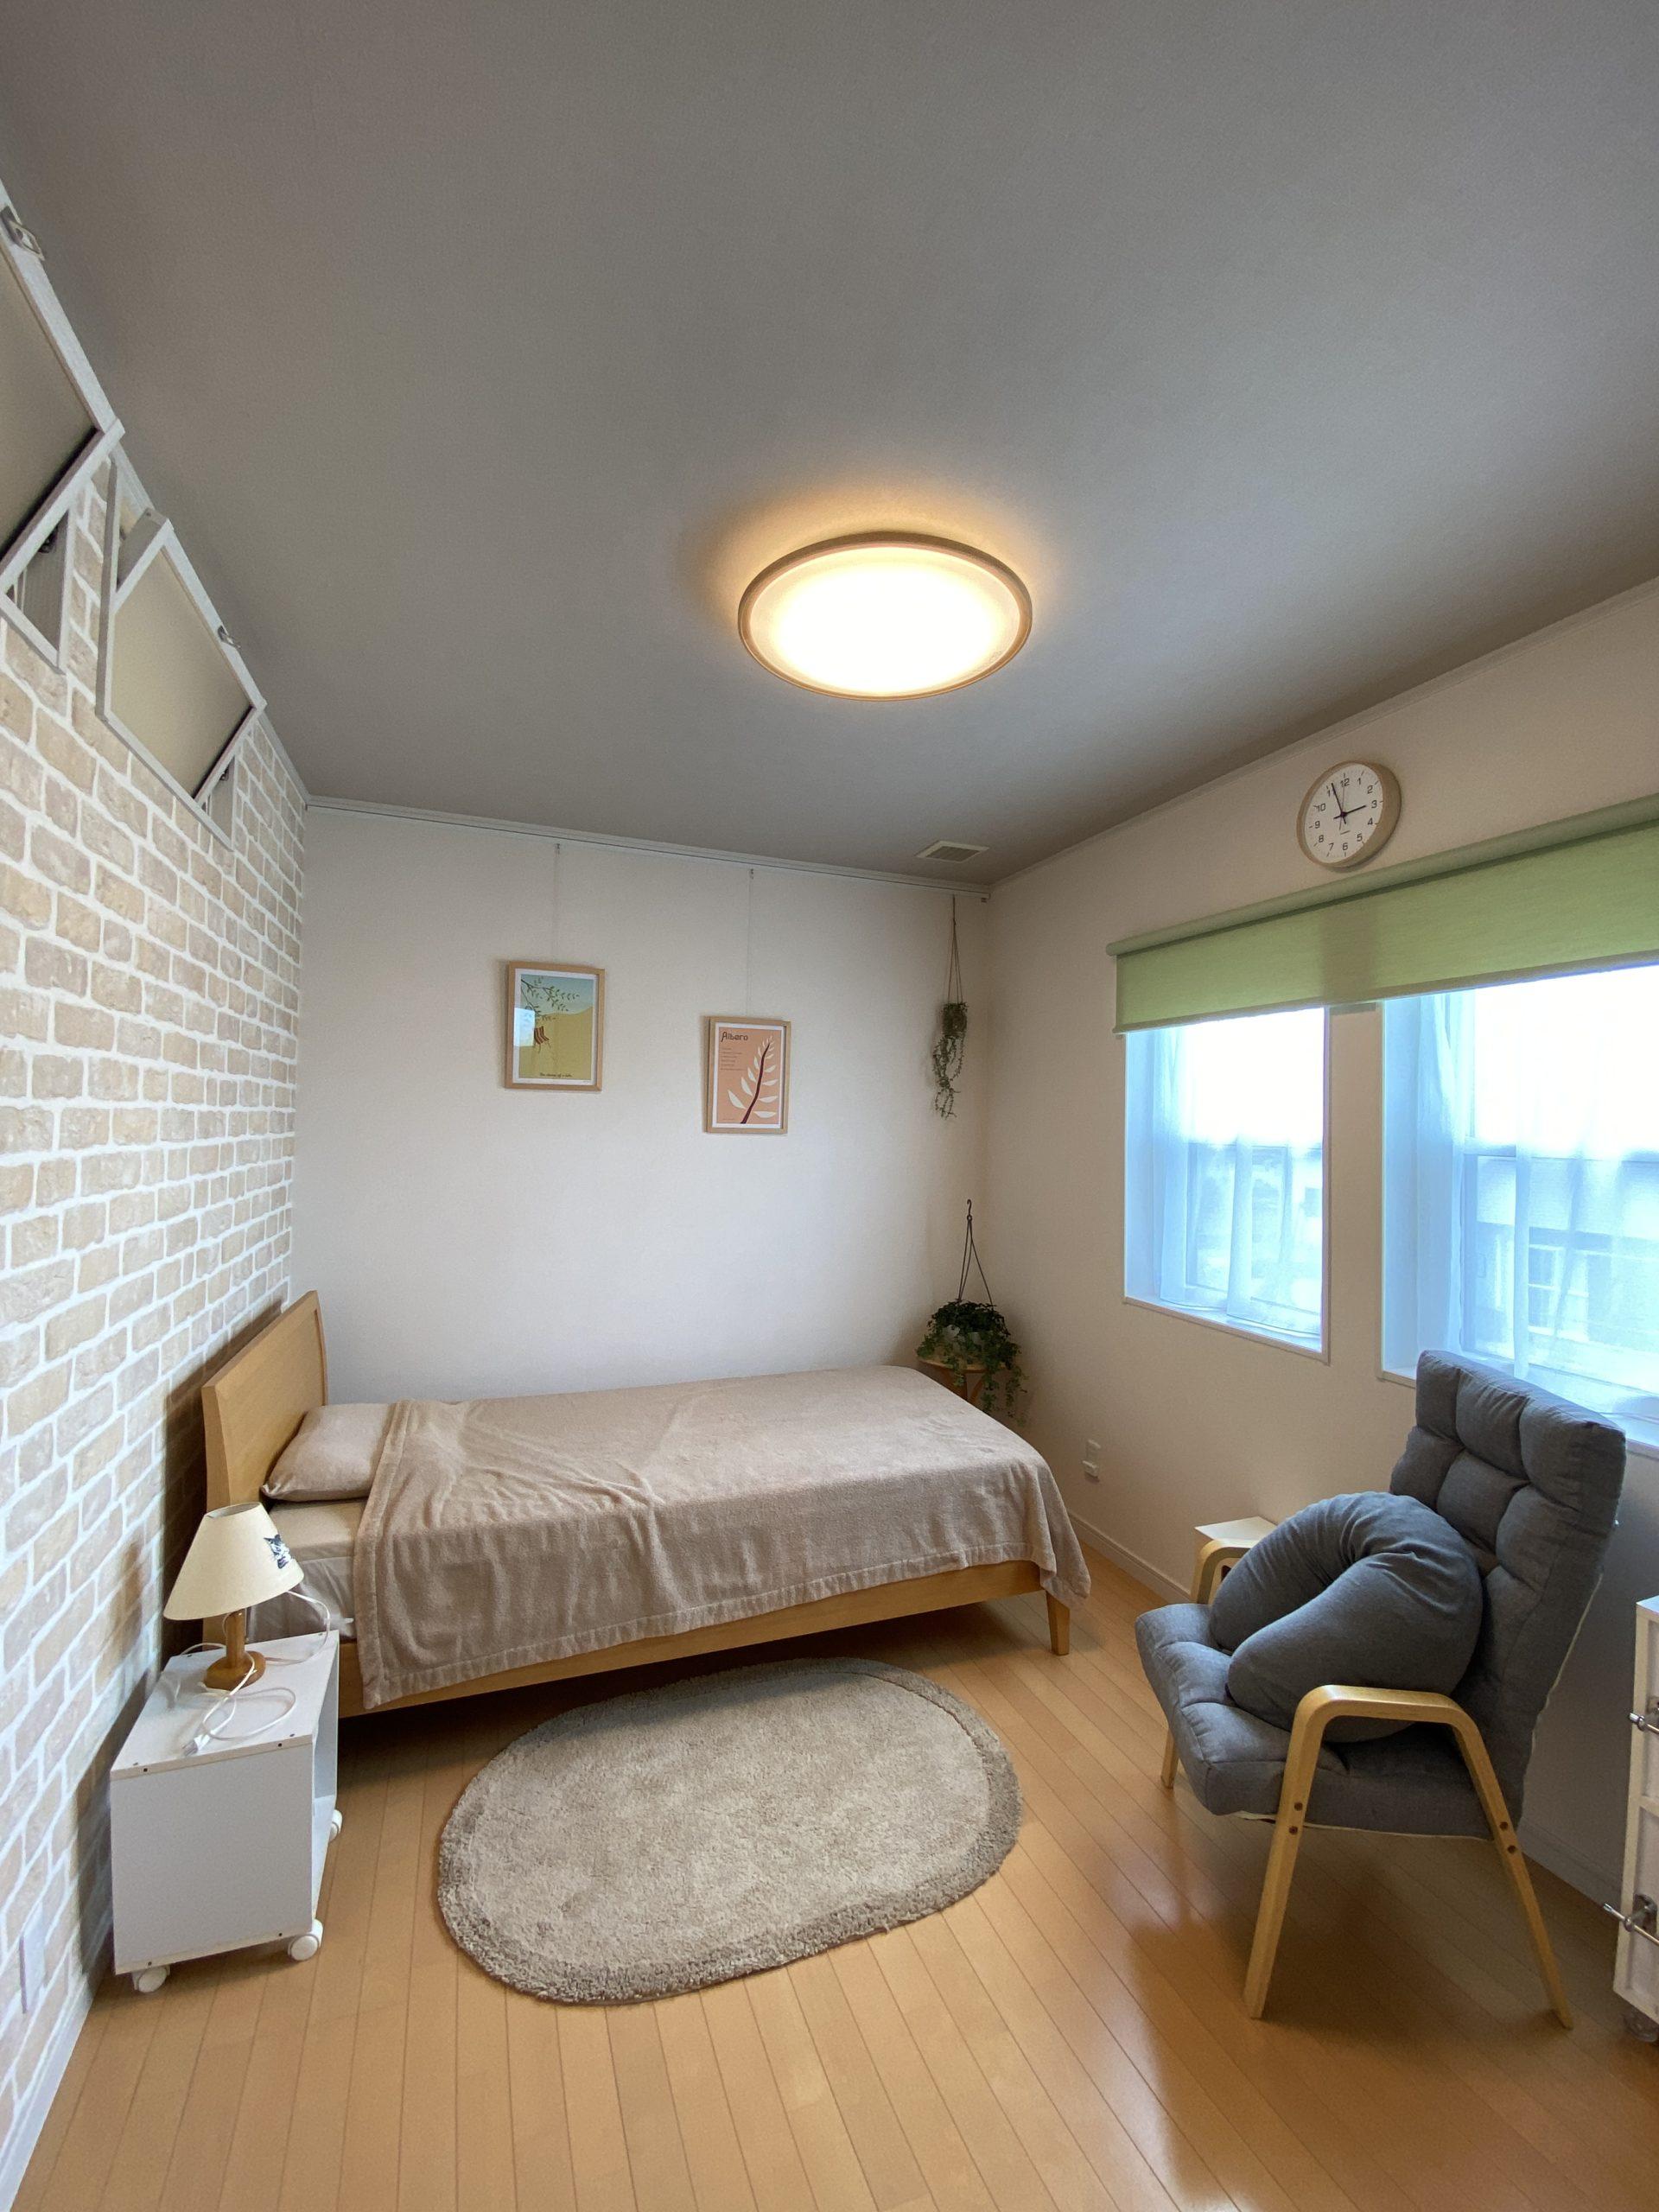 ご寝室を間仕切るリノベーション